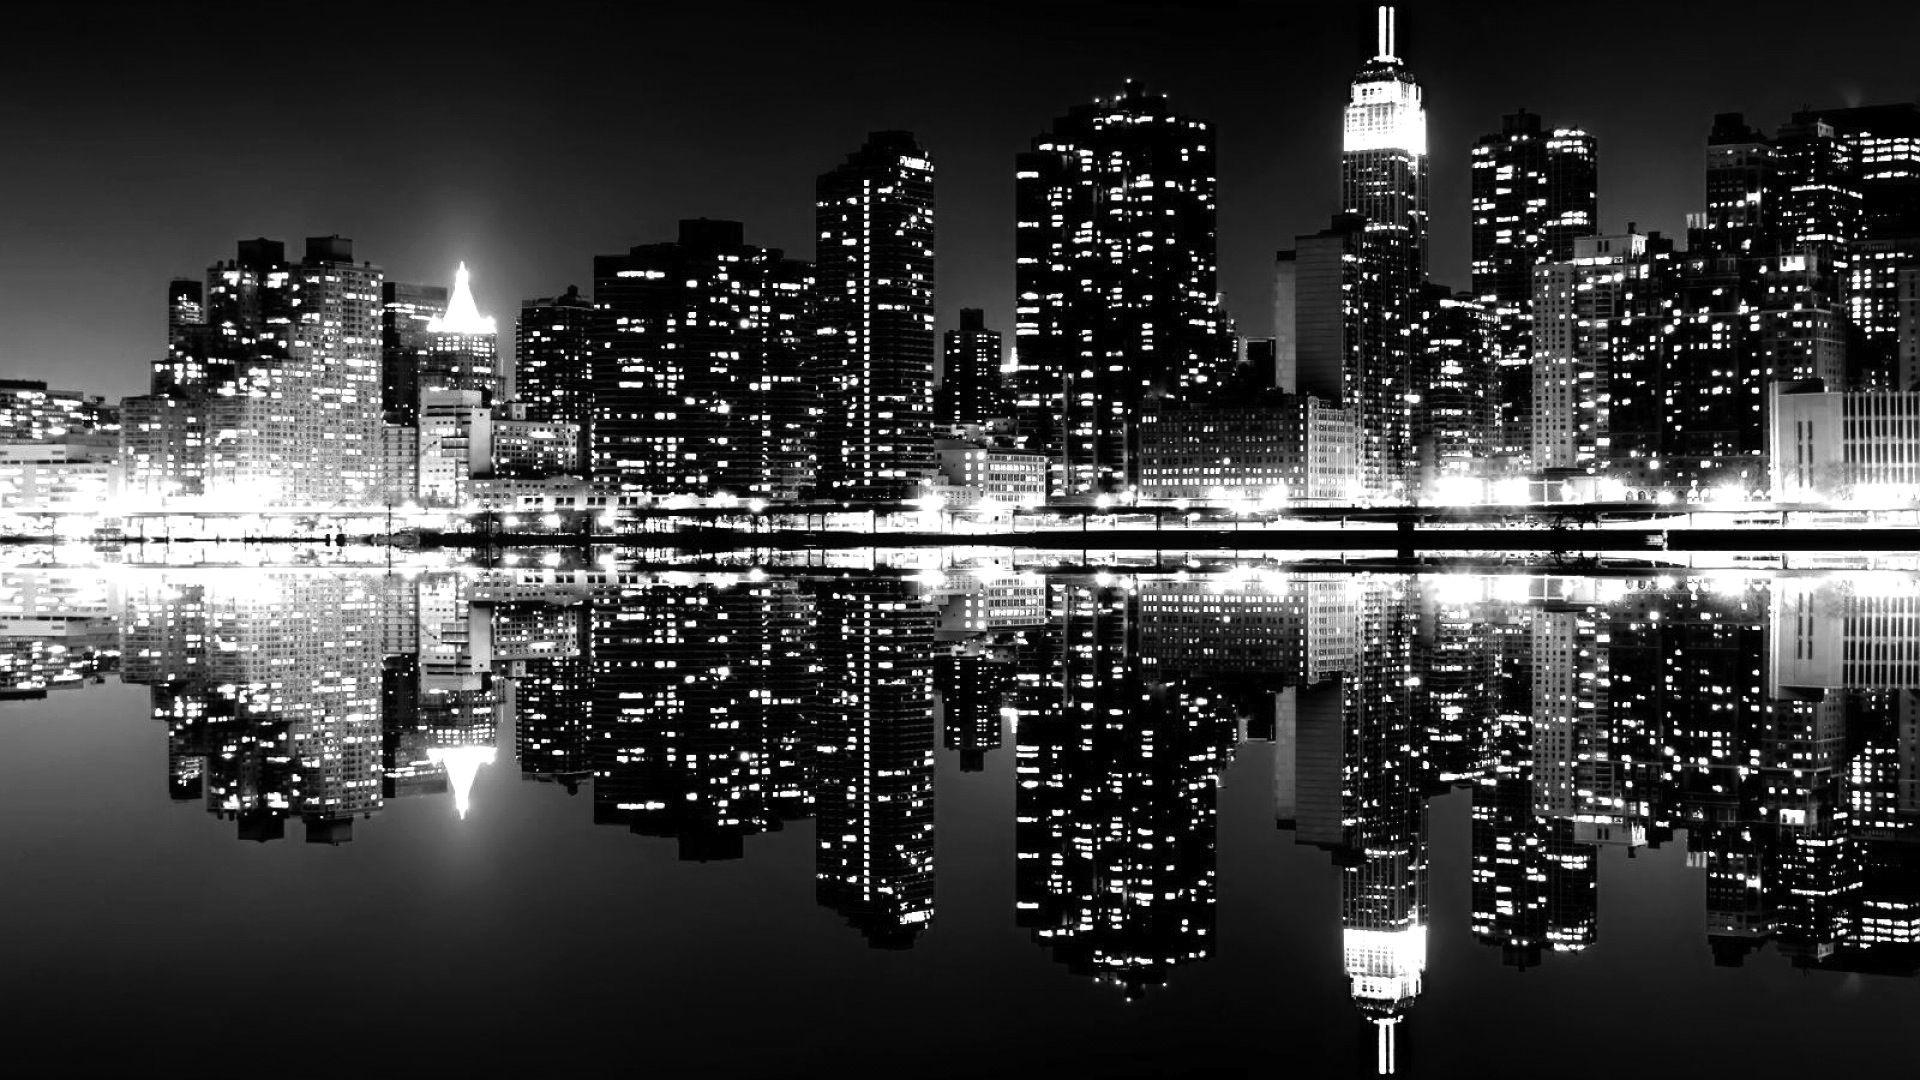 New York City Black And White Wallpaper Widescreen Best 945 Awall Quadros Para Sala Salas Preto E Branco